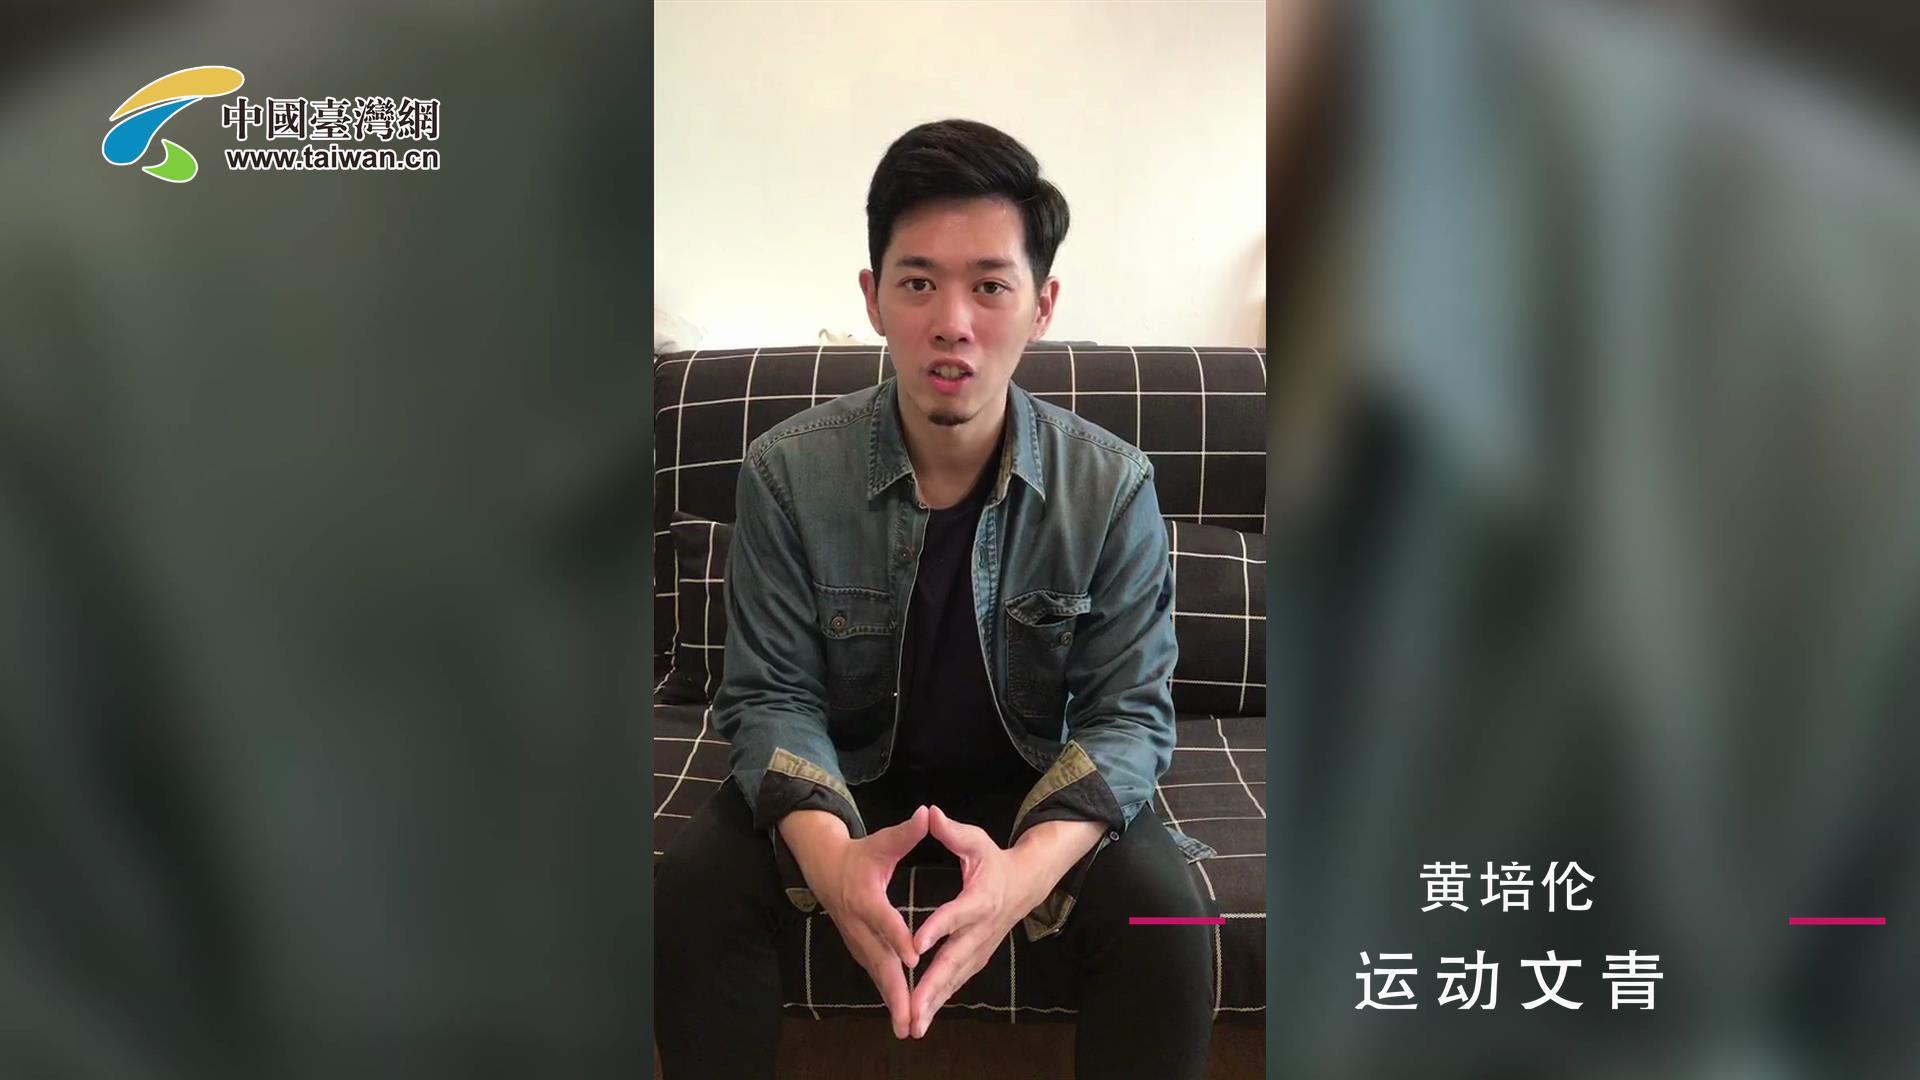 【云南篇】快来看看台湾小伙伴对云南的印象吧图片